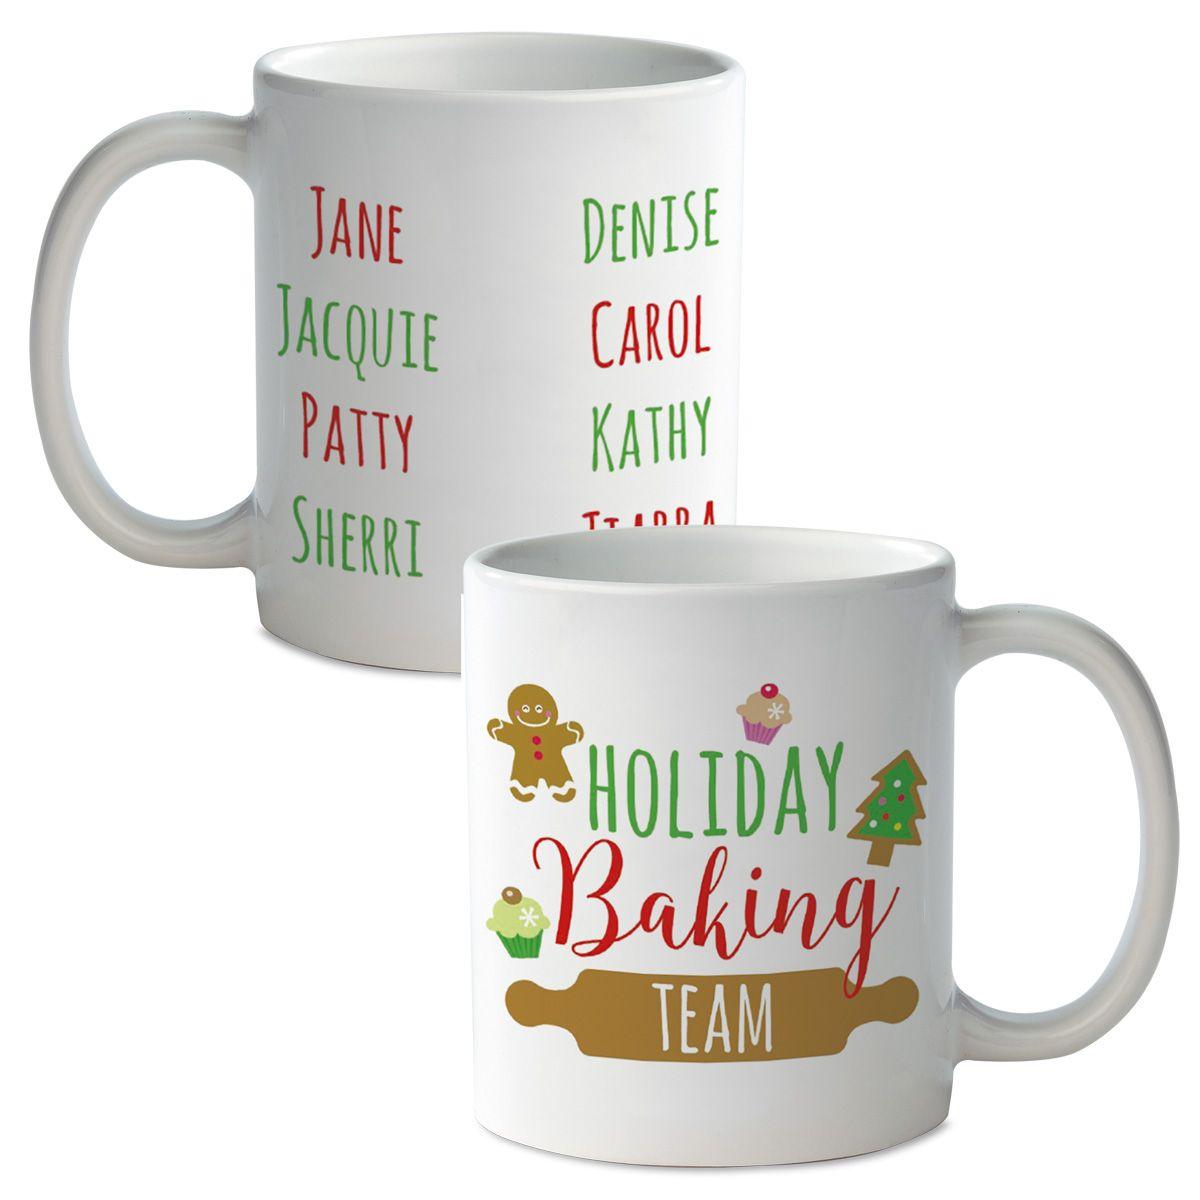 Holiday Baking Team Personalized Mug